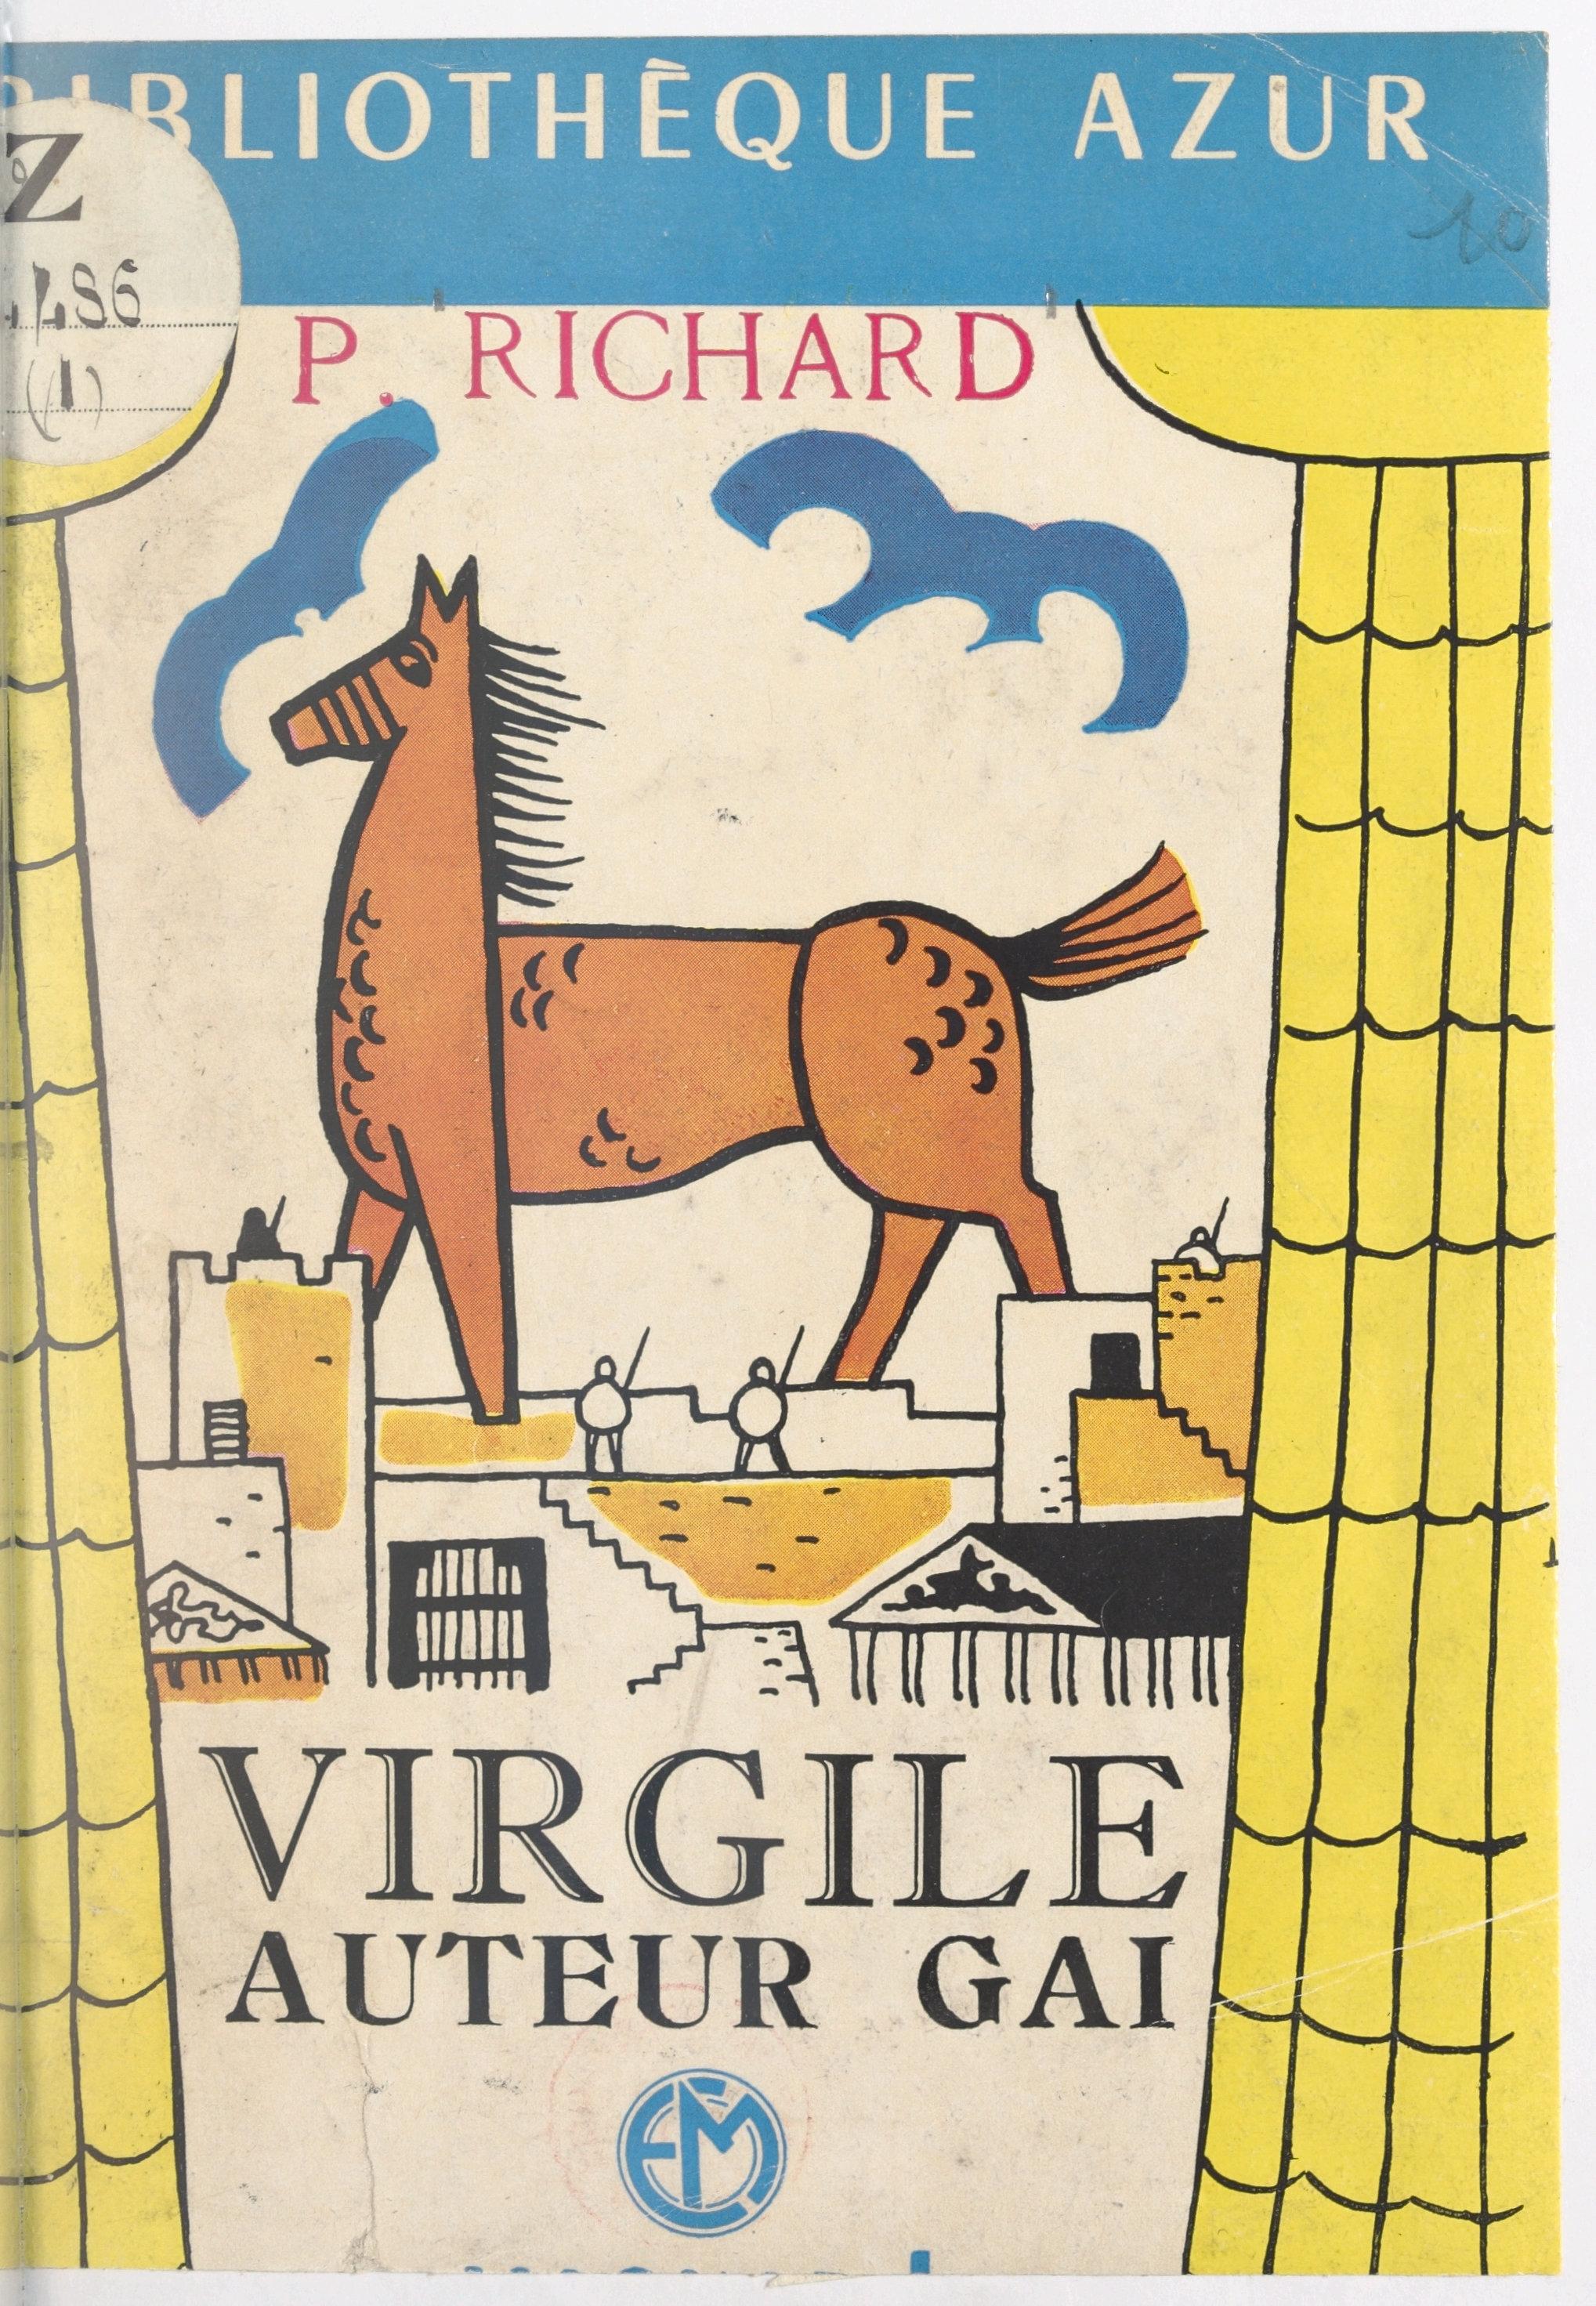 Virgile, auteur gai